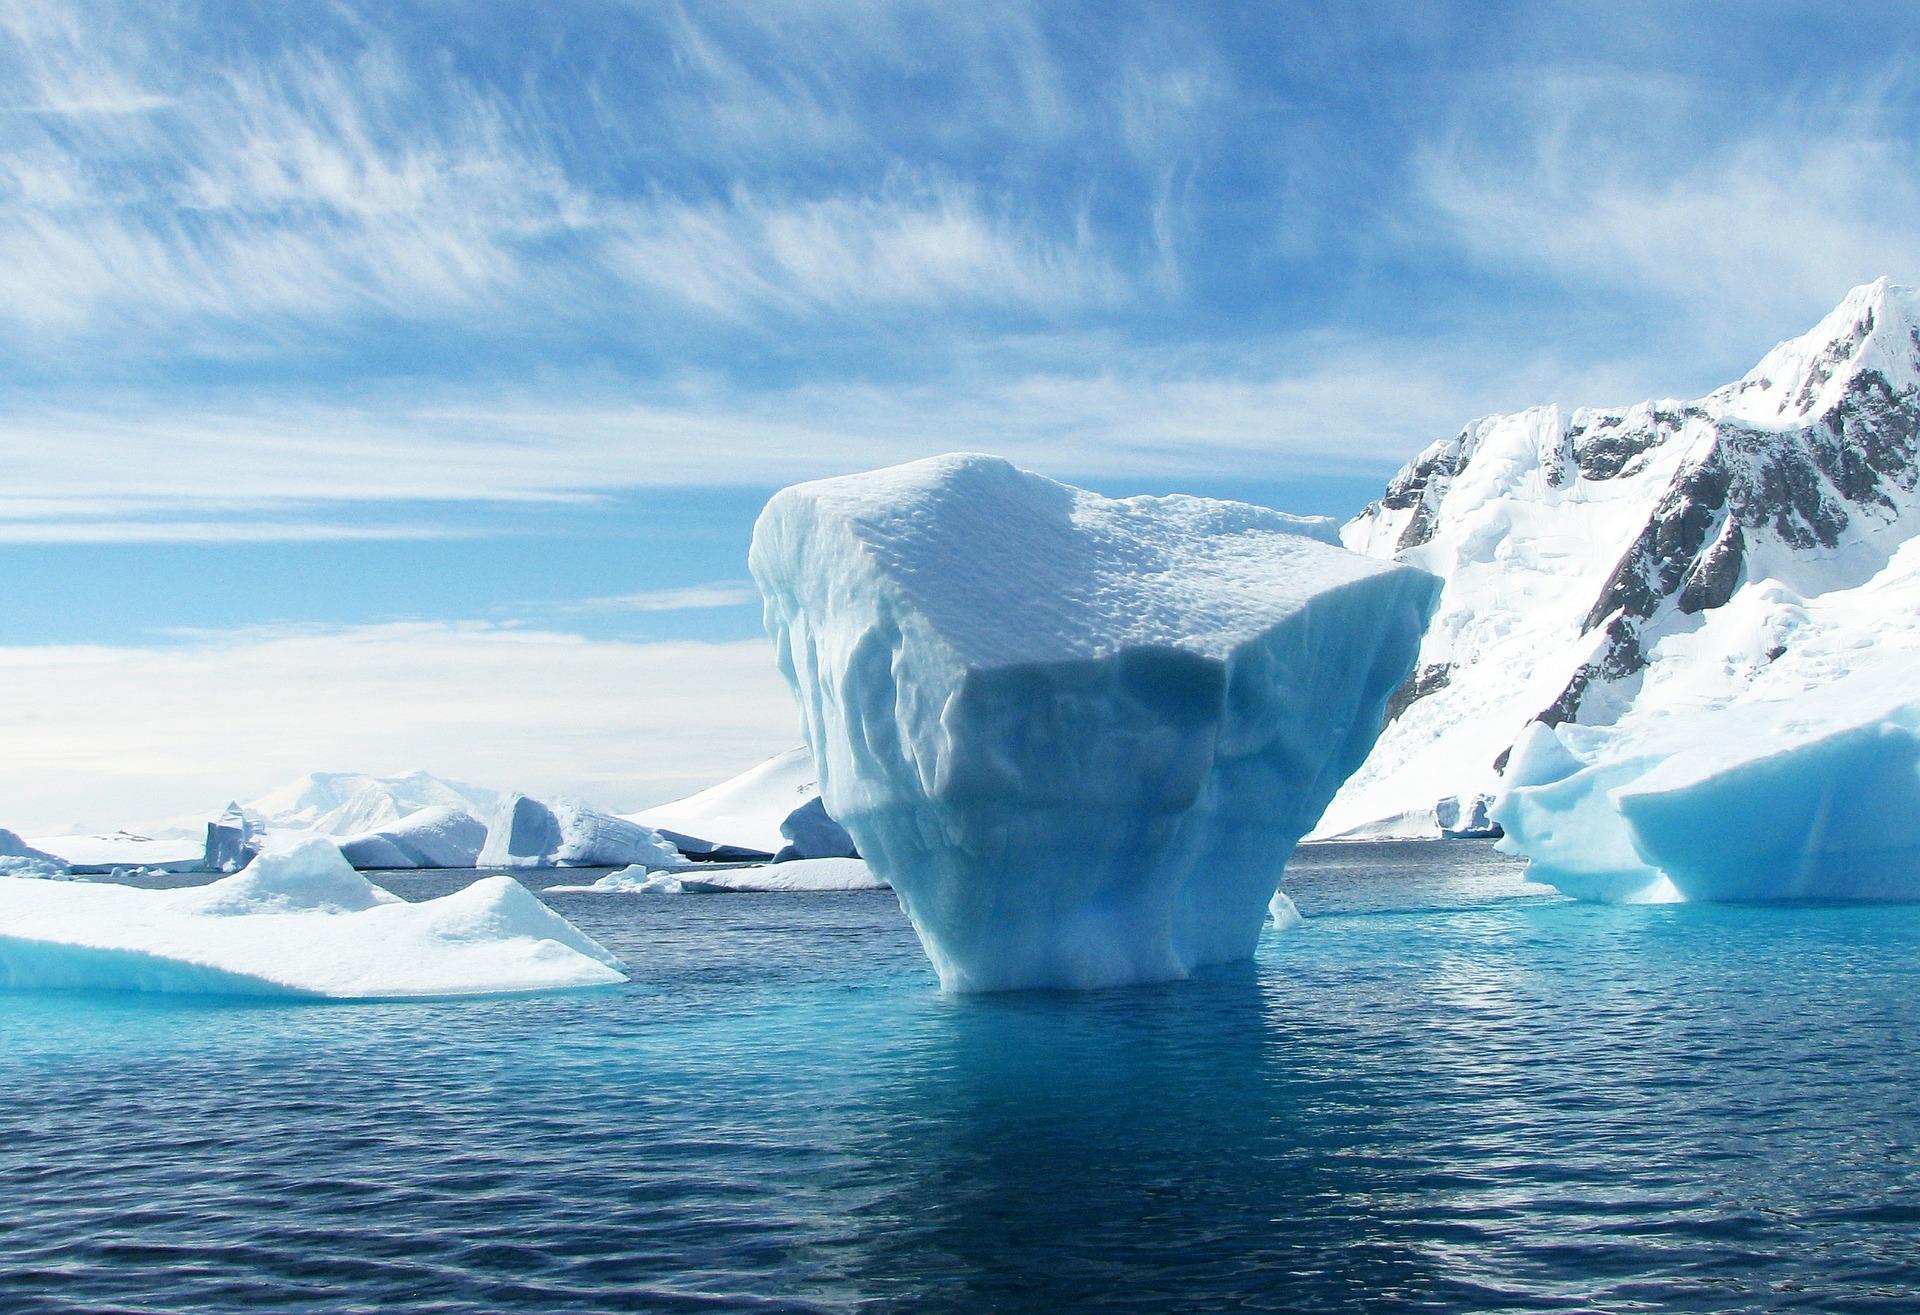 iceberg-404966_1920.jpg